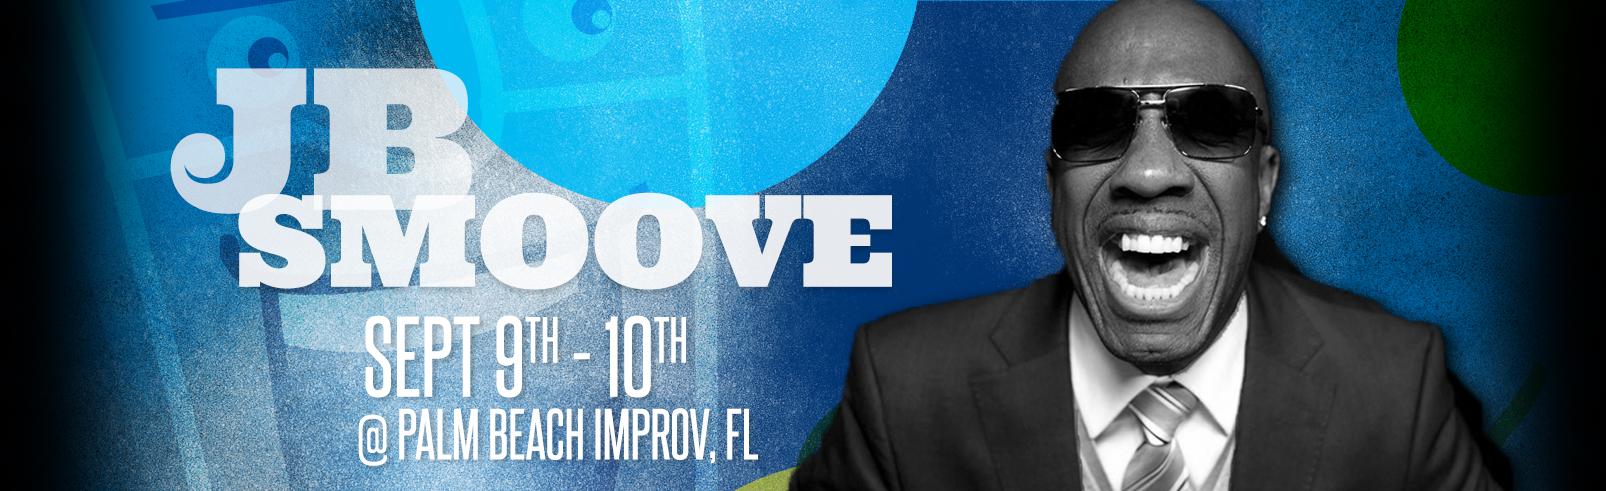 JB Smoove @ Palm Beach Improv